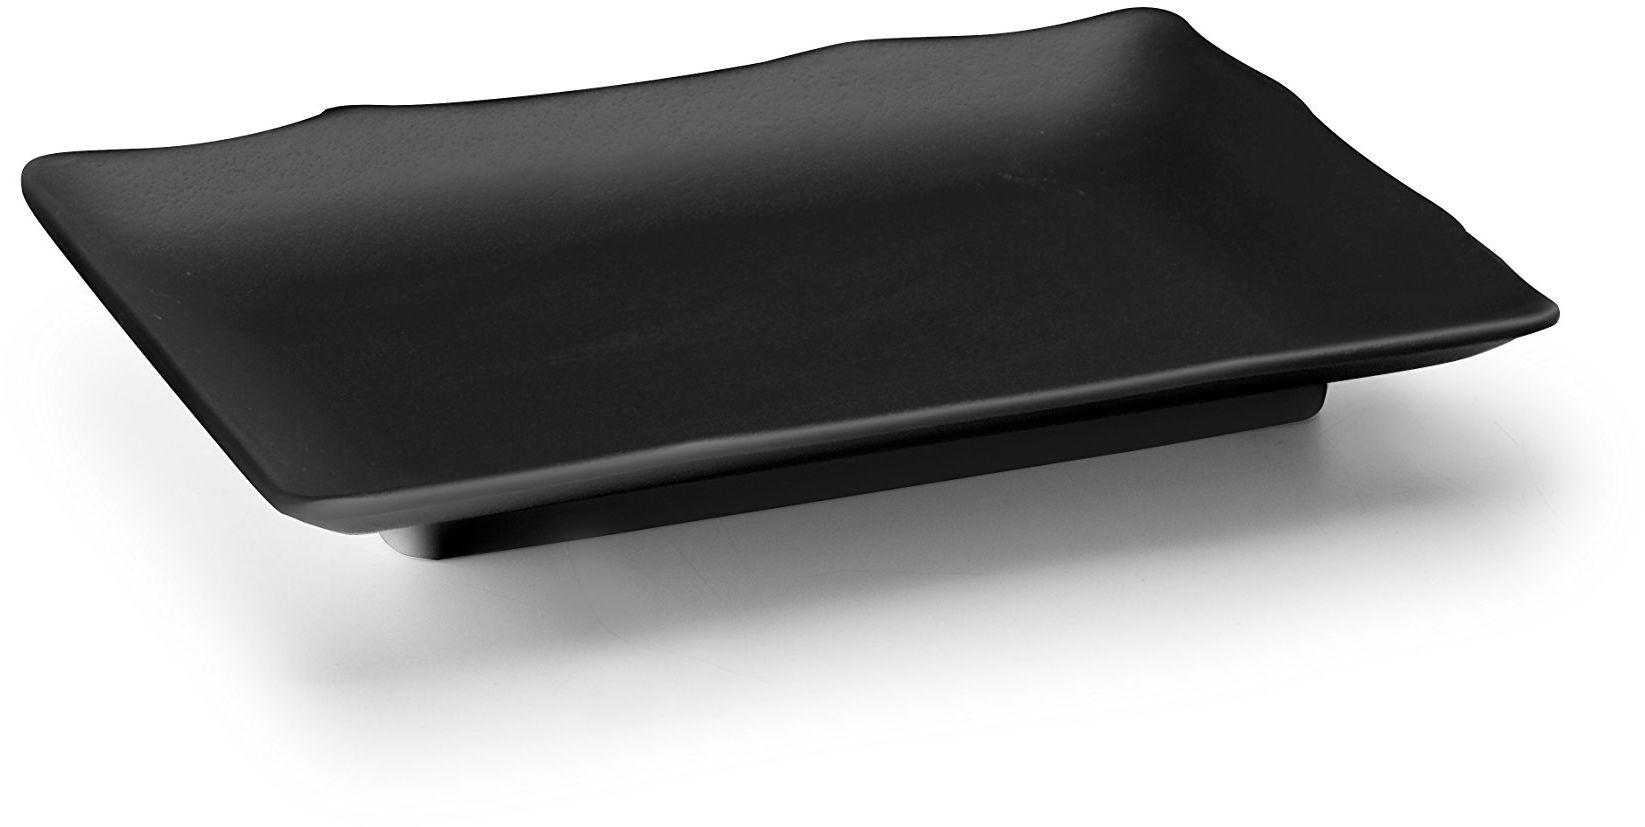 Lacor Naczynia do serwowania, melamina, czarne 25 x 17 x 3 cm